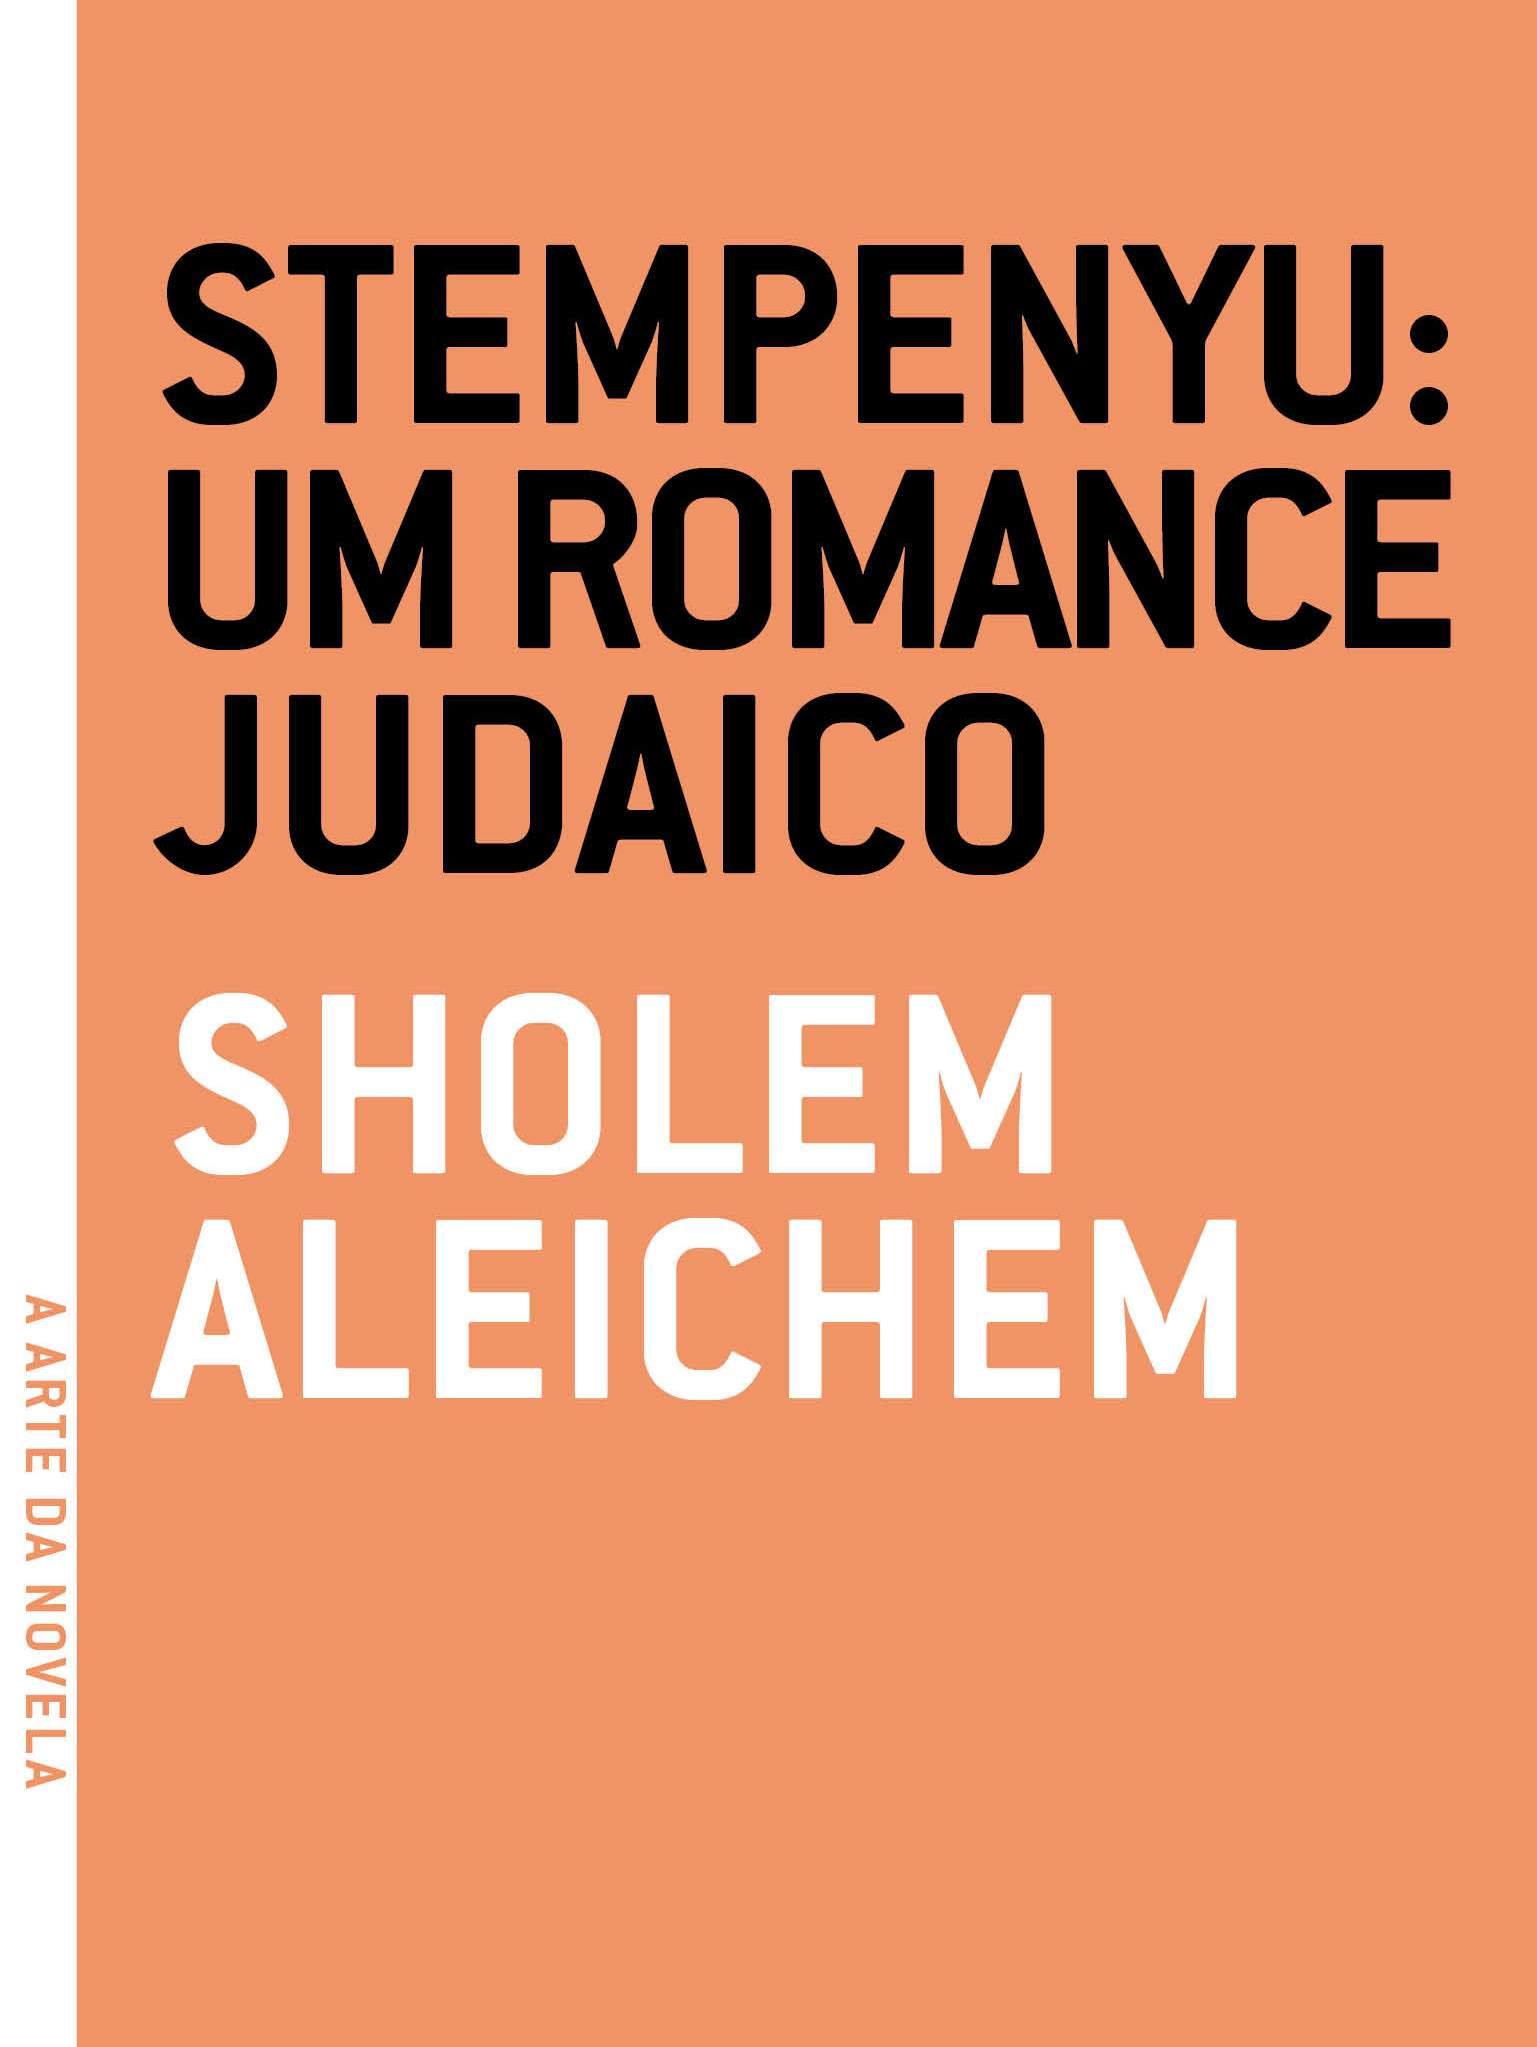 Stempenyu: um romance judaico. Um romance judaico, livro de Sholem Aleichem